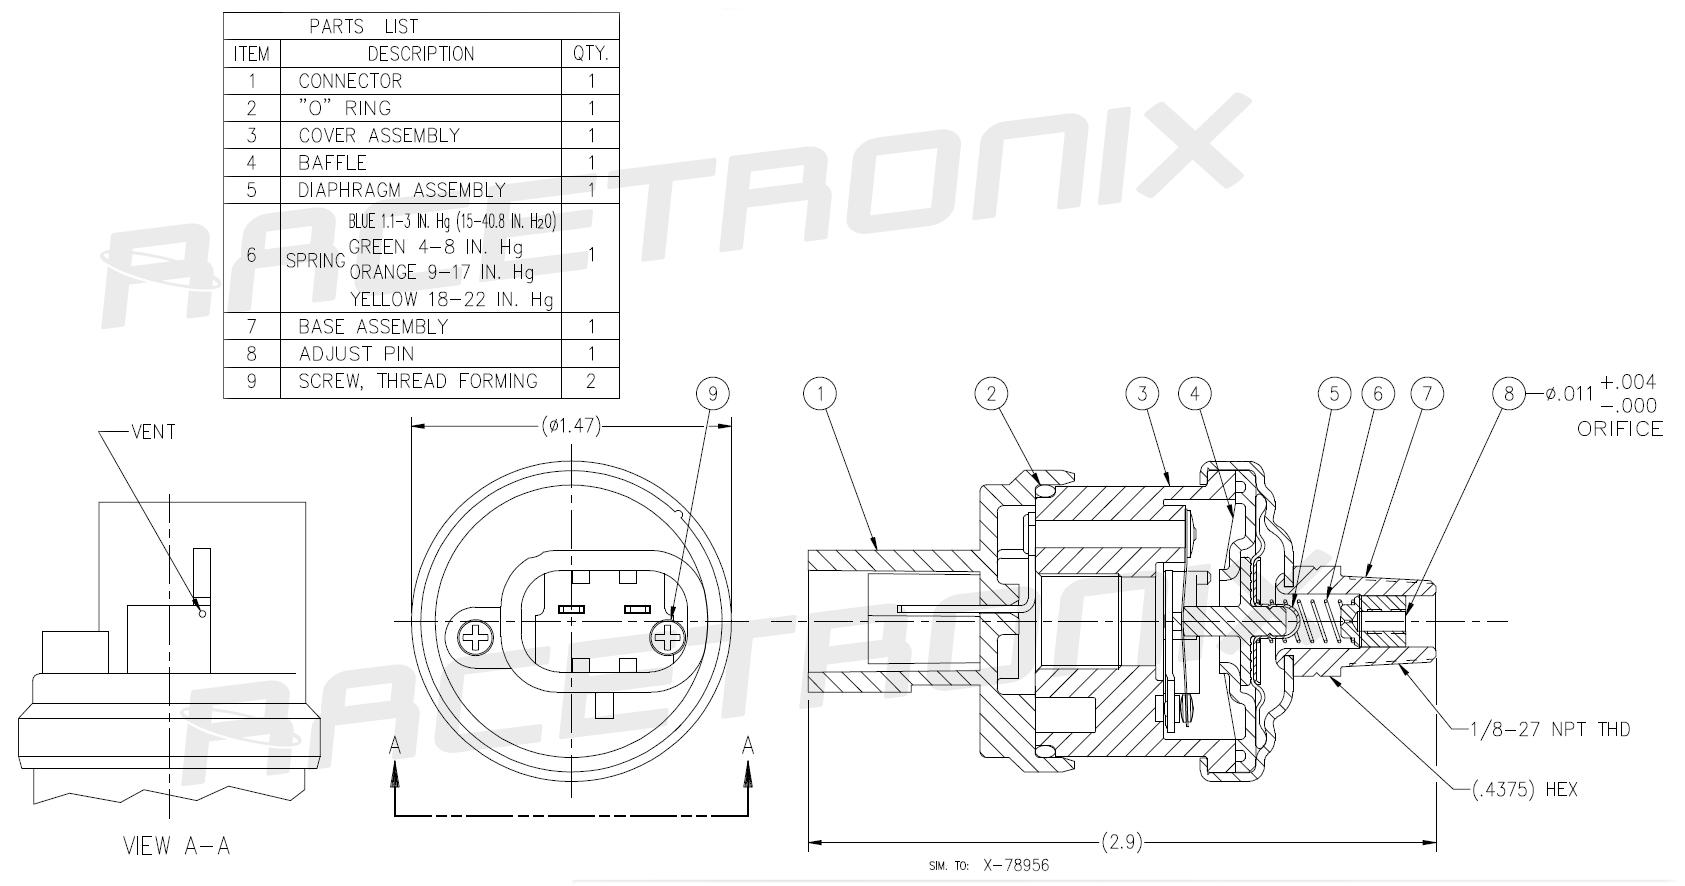 Fl98 Tpi Fuel Pump Assembly Rxp255 And Fuel Pump